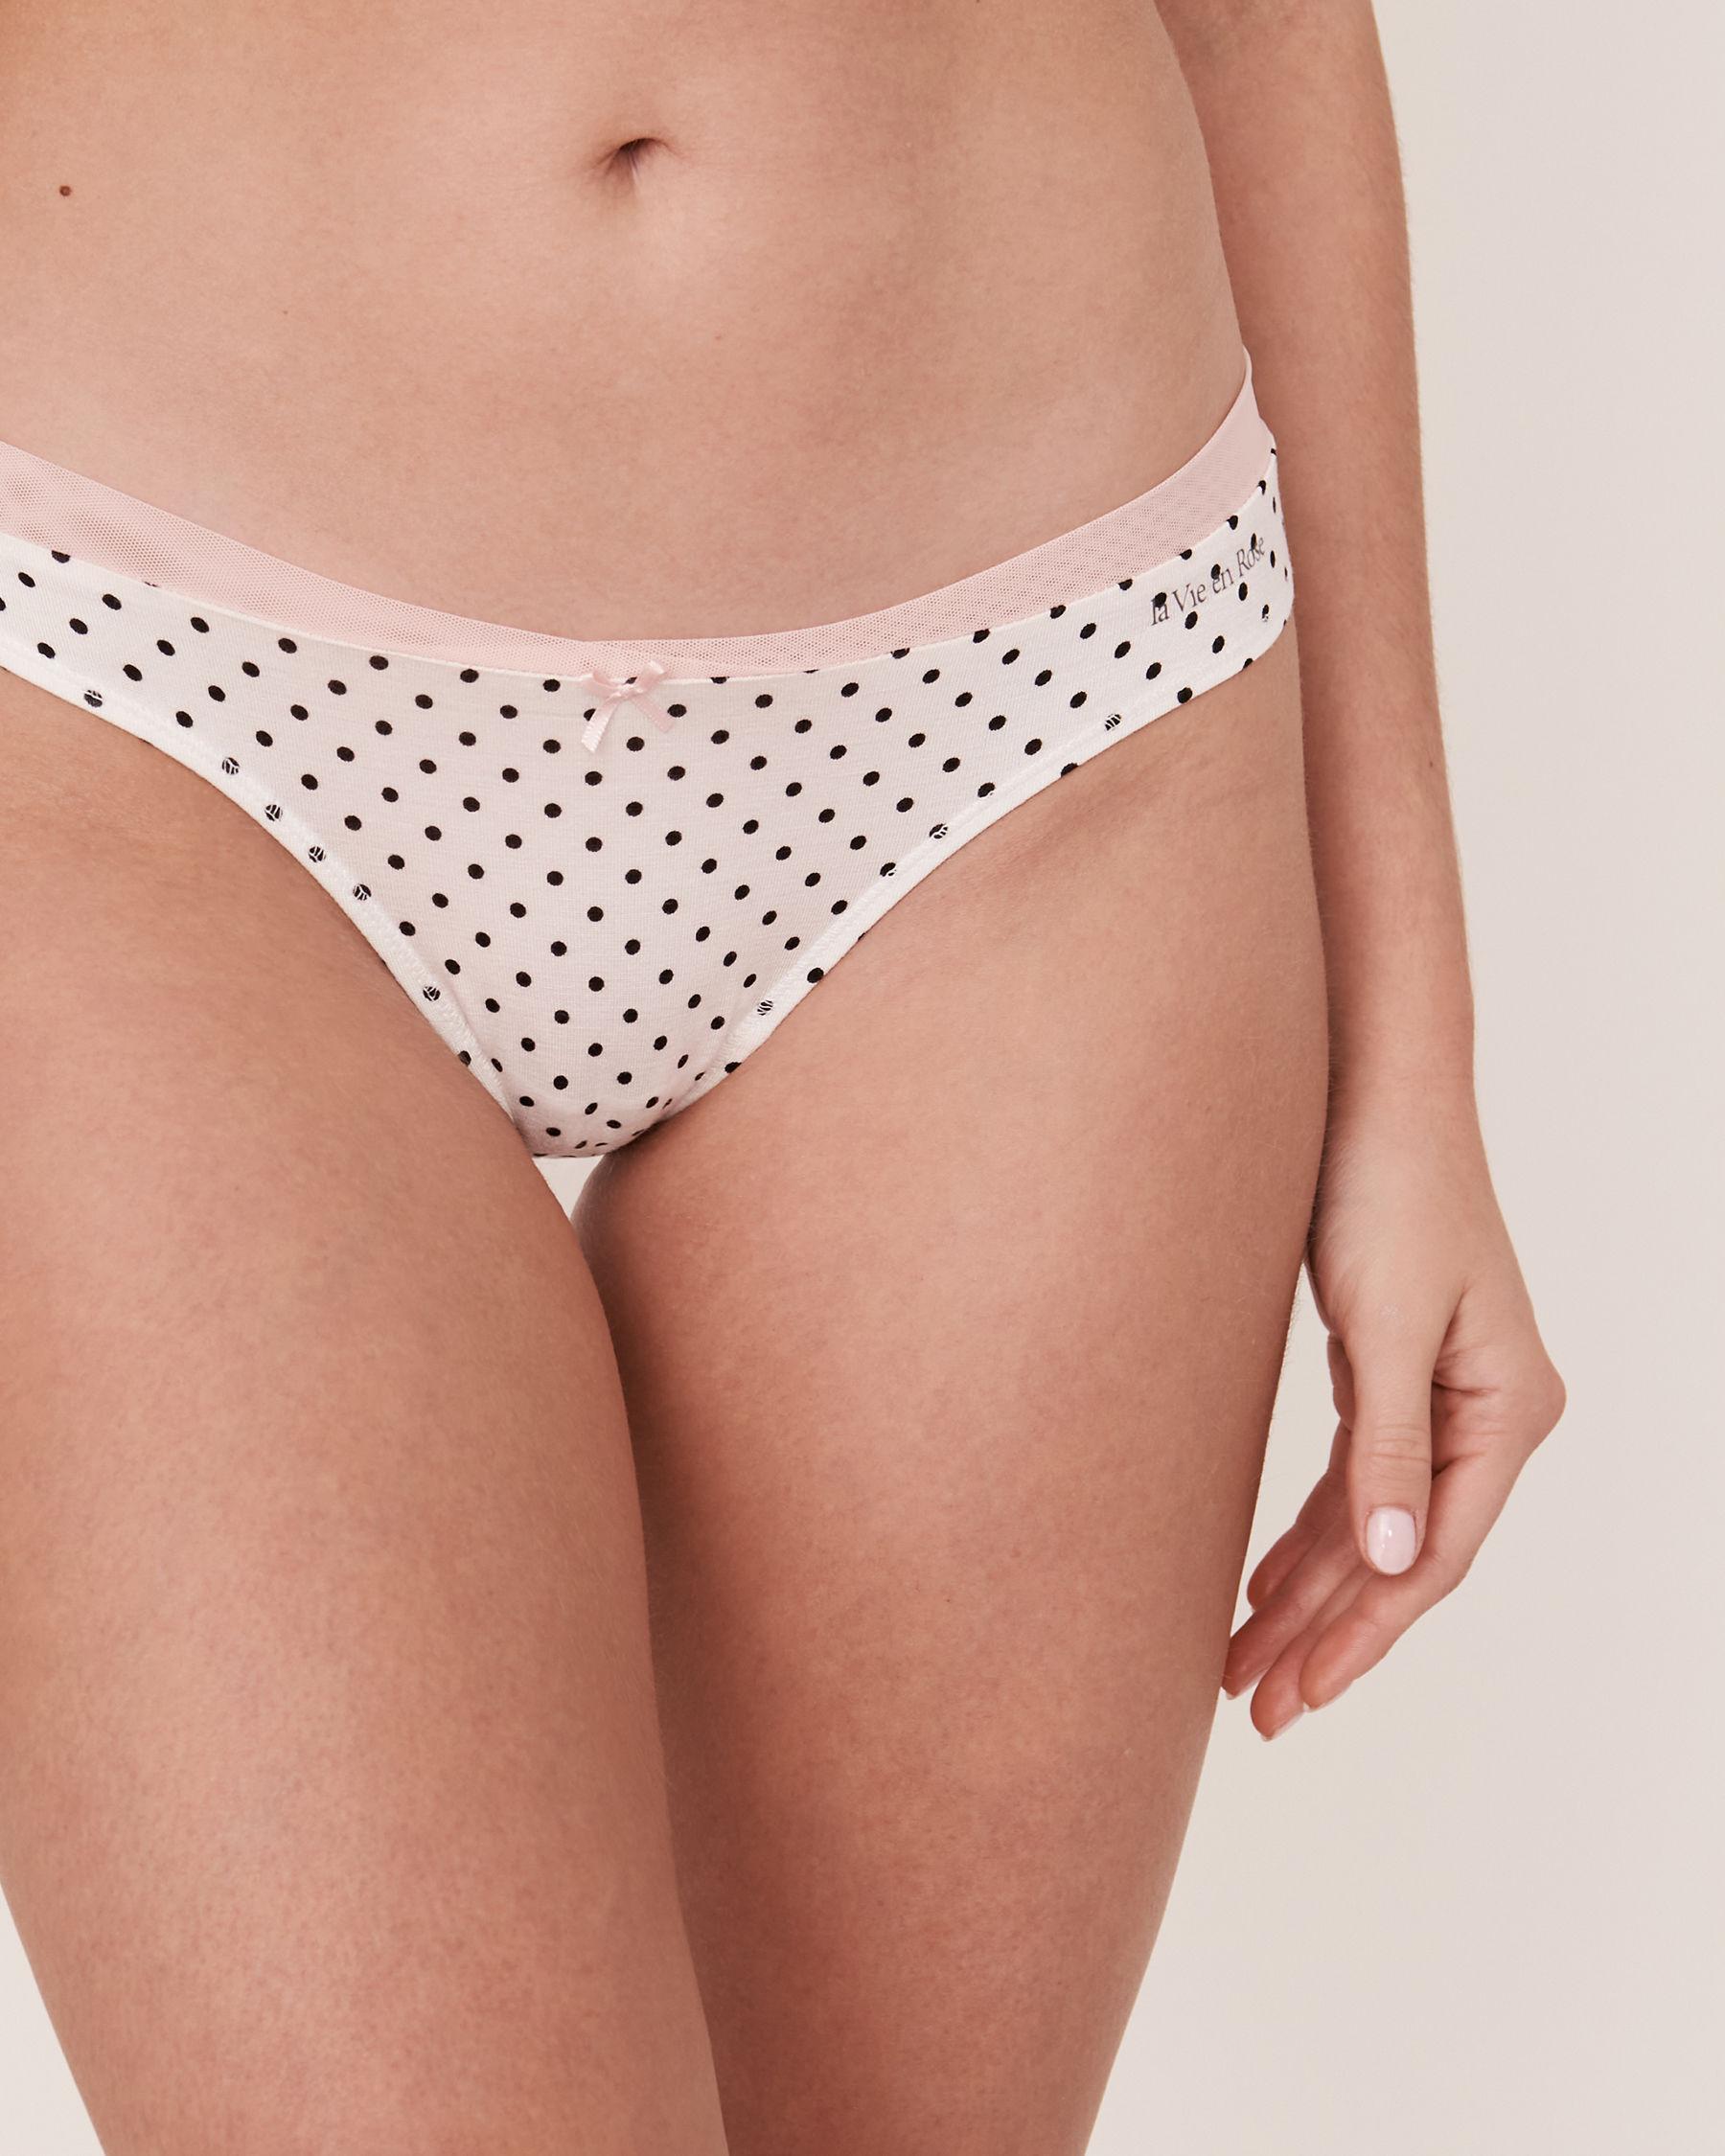 LA VIE EN ROSE Bikini Panty Black dot 20100050 - View1